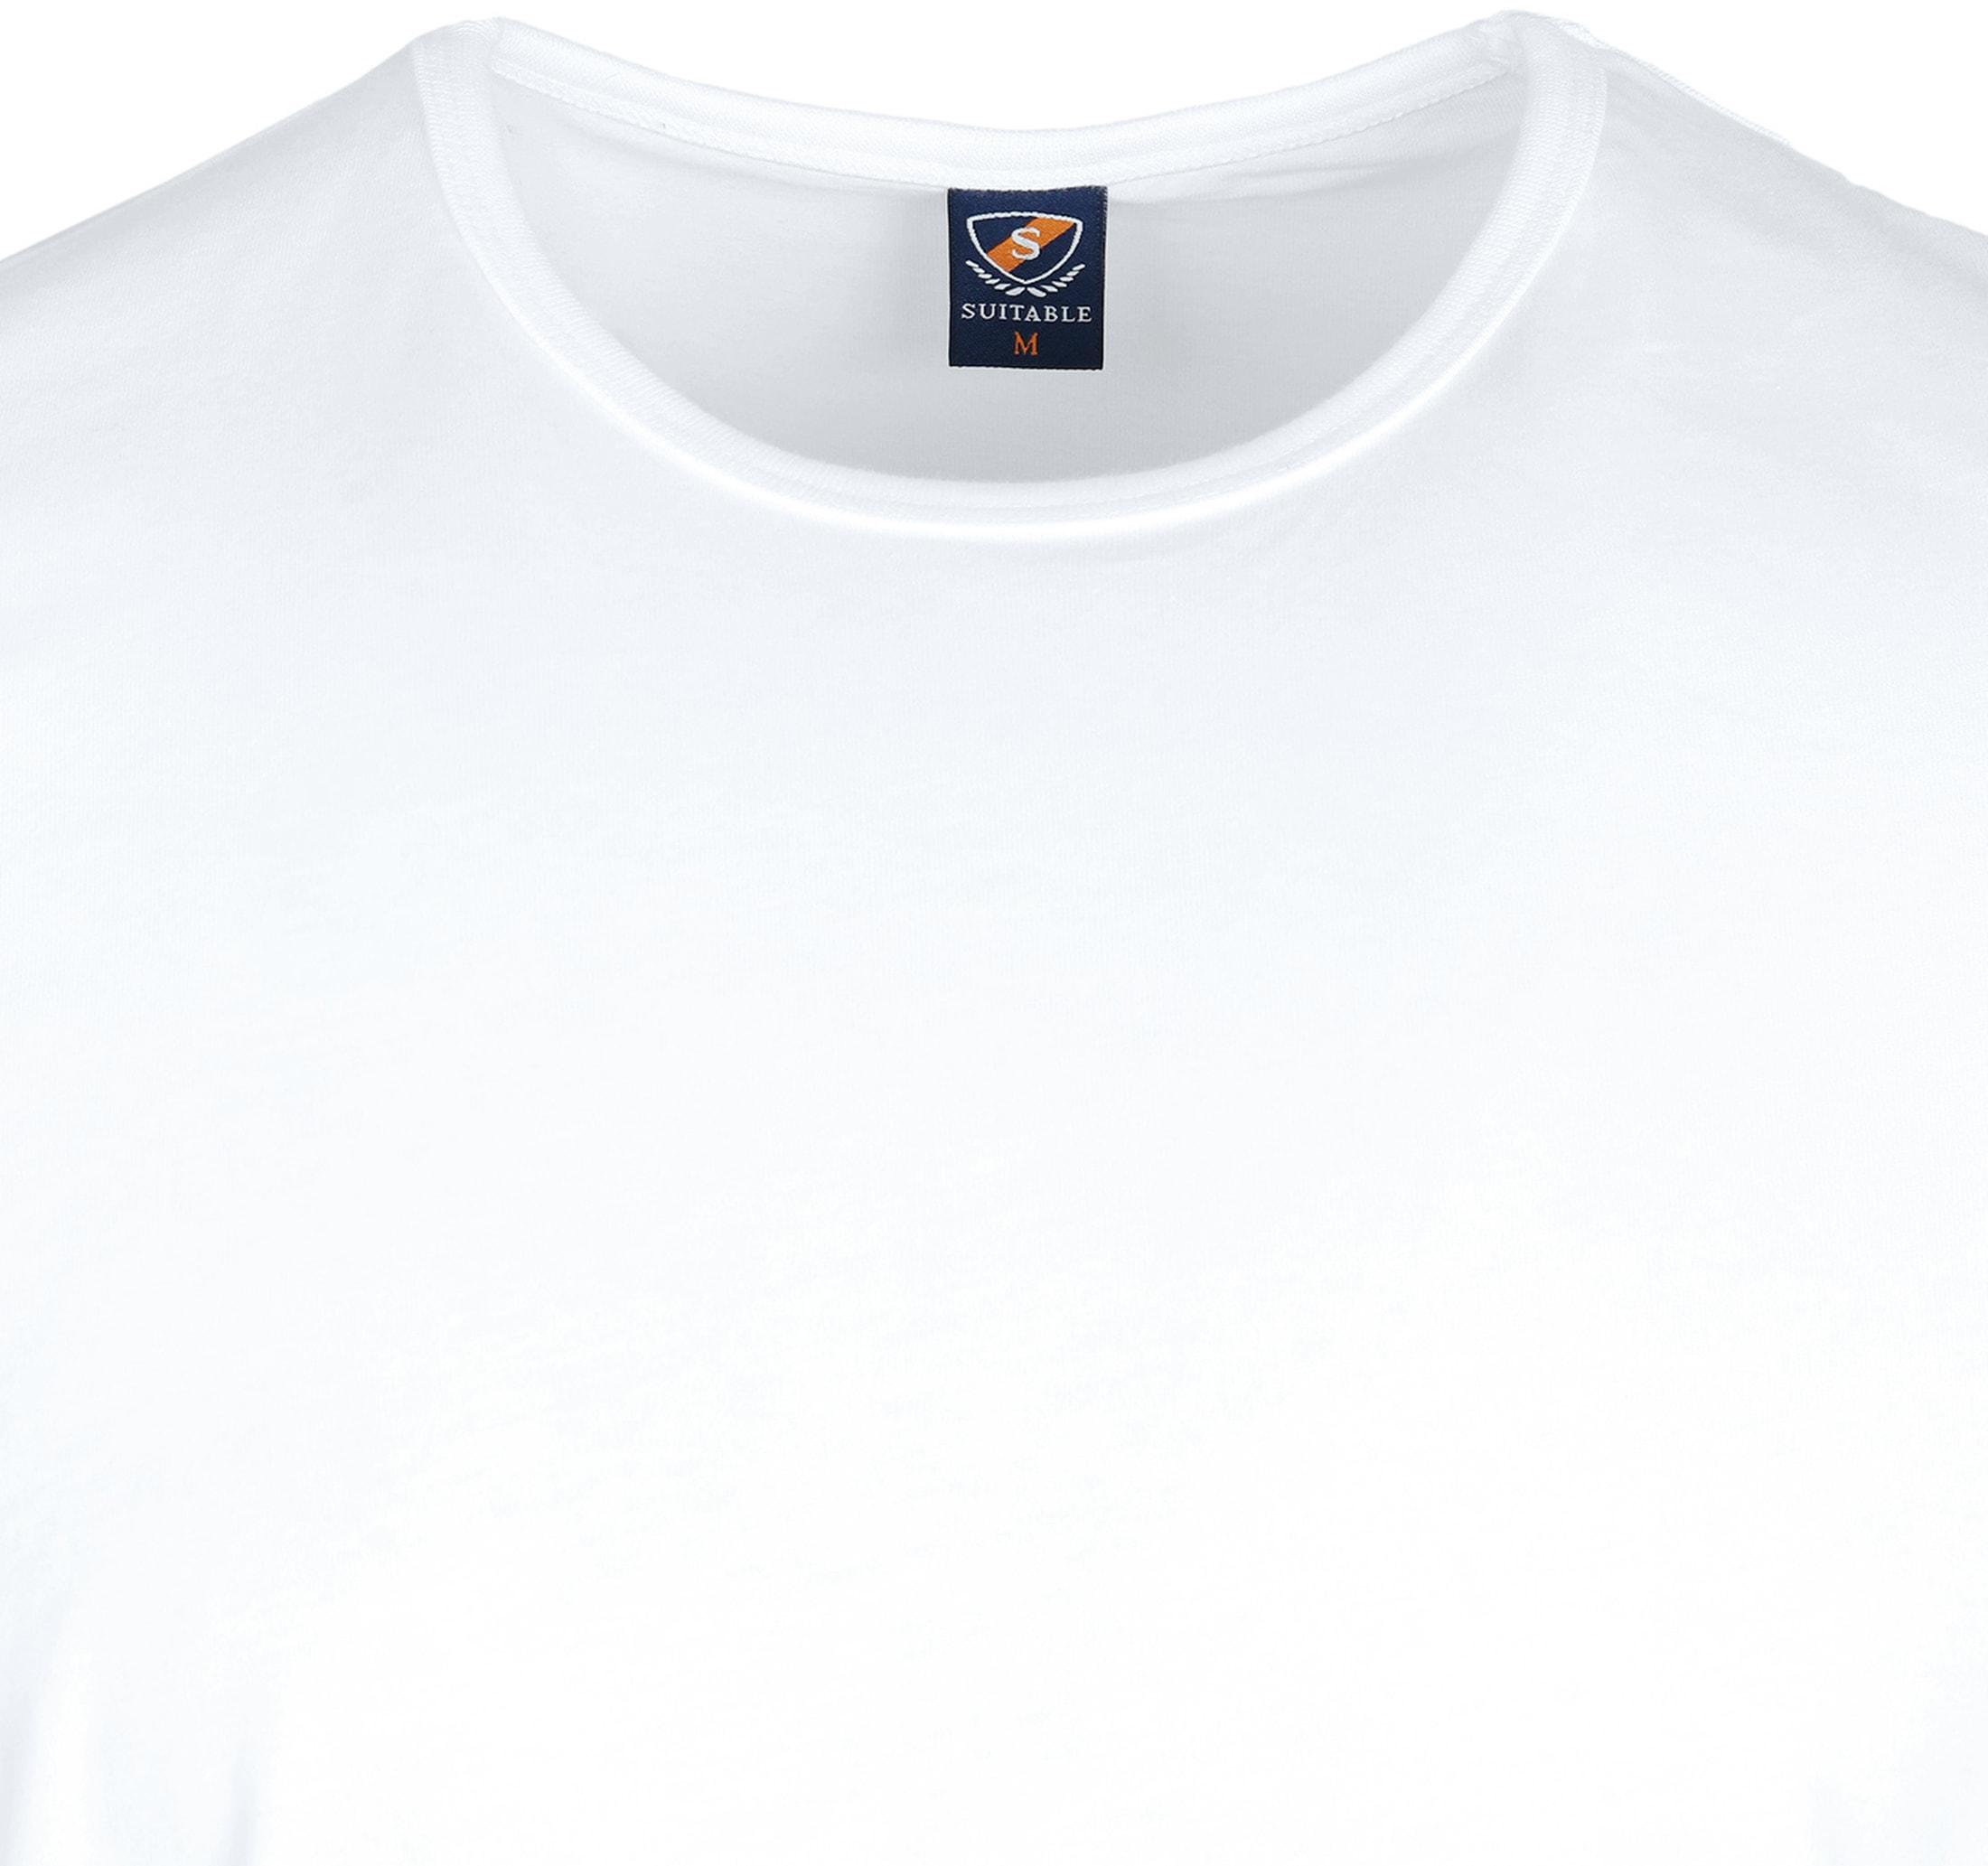 T-Shirt Rund Hals 2-Pack (2 Stück) Weiß foto 2